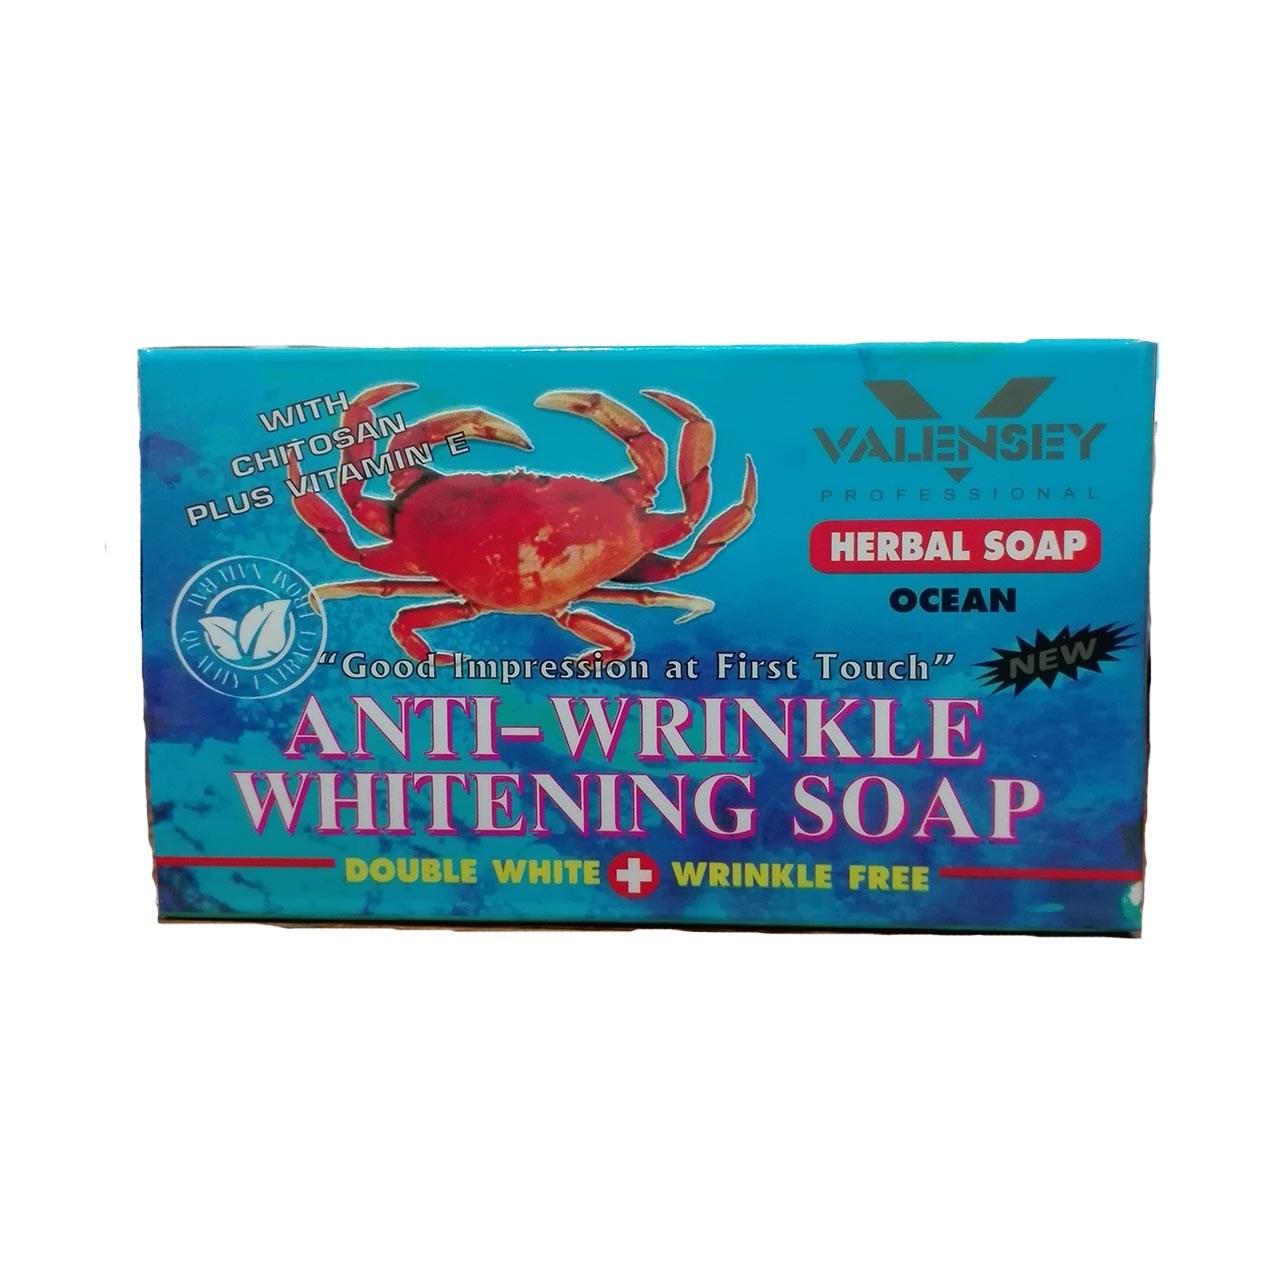 صابون ضد چروک و روشن کننده والنسی مدل خرچنگ مقدار 100 گرم